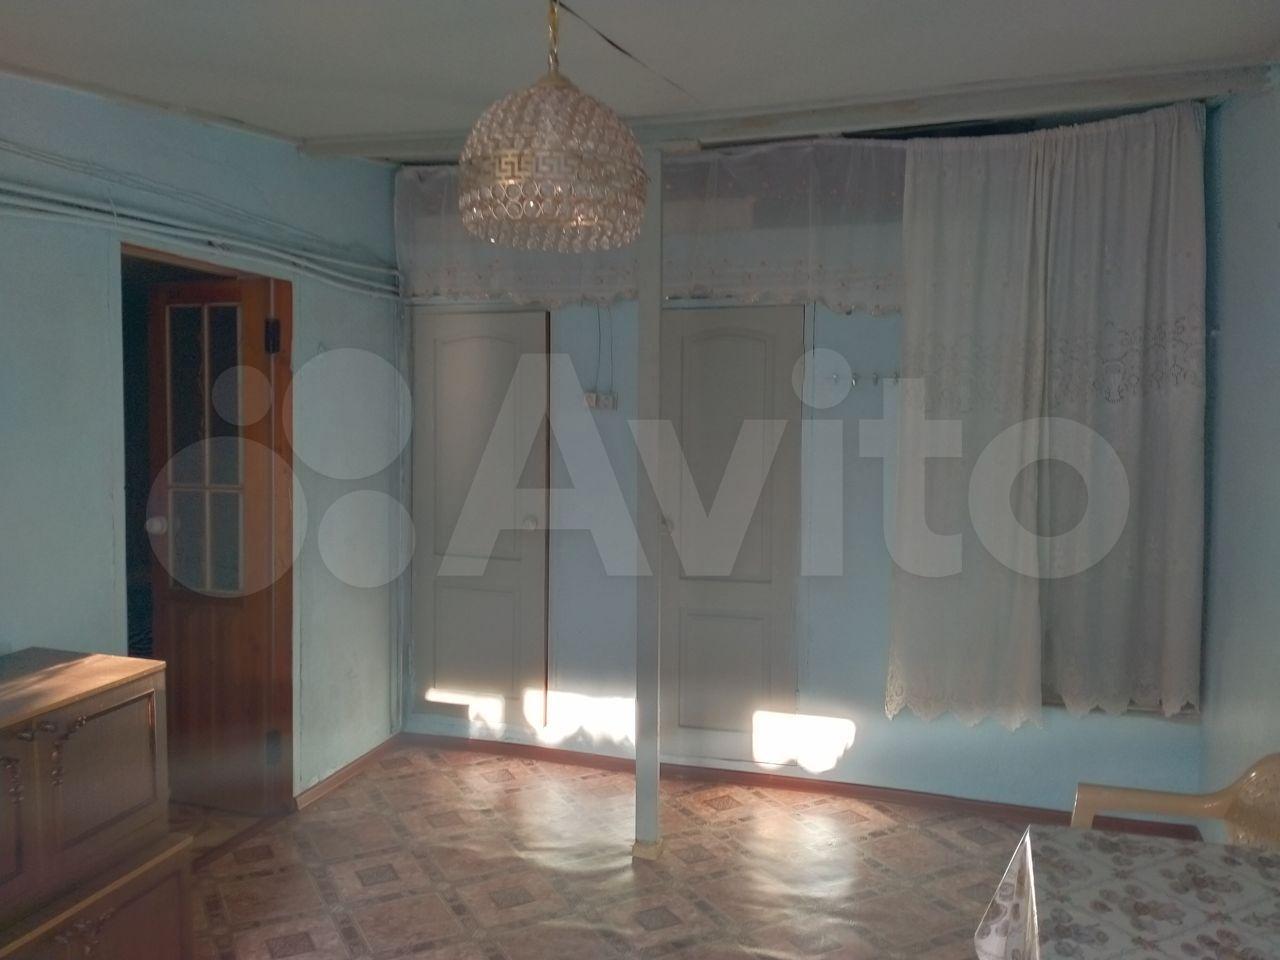 1-к квартира, 30 м², 1/1 эт.  89637966340 купить 3